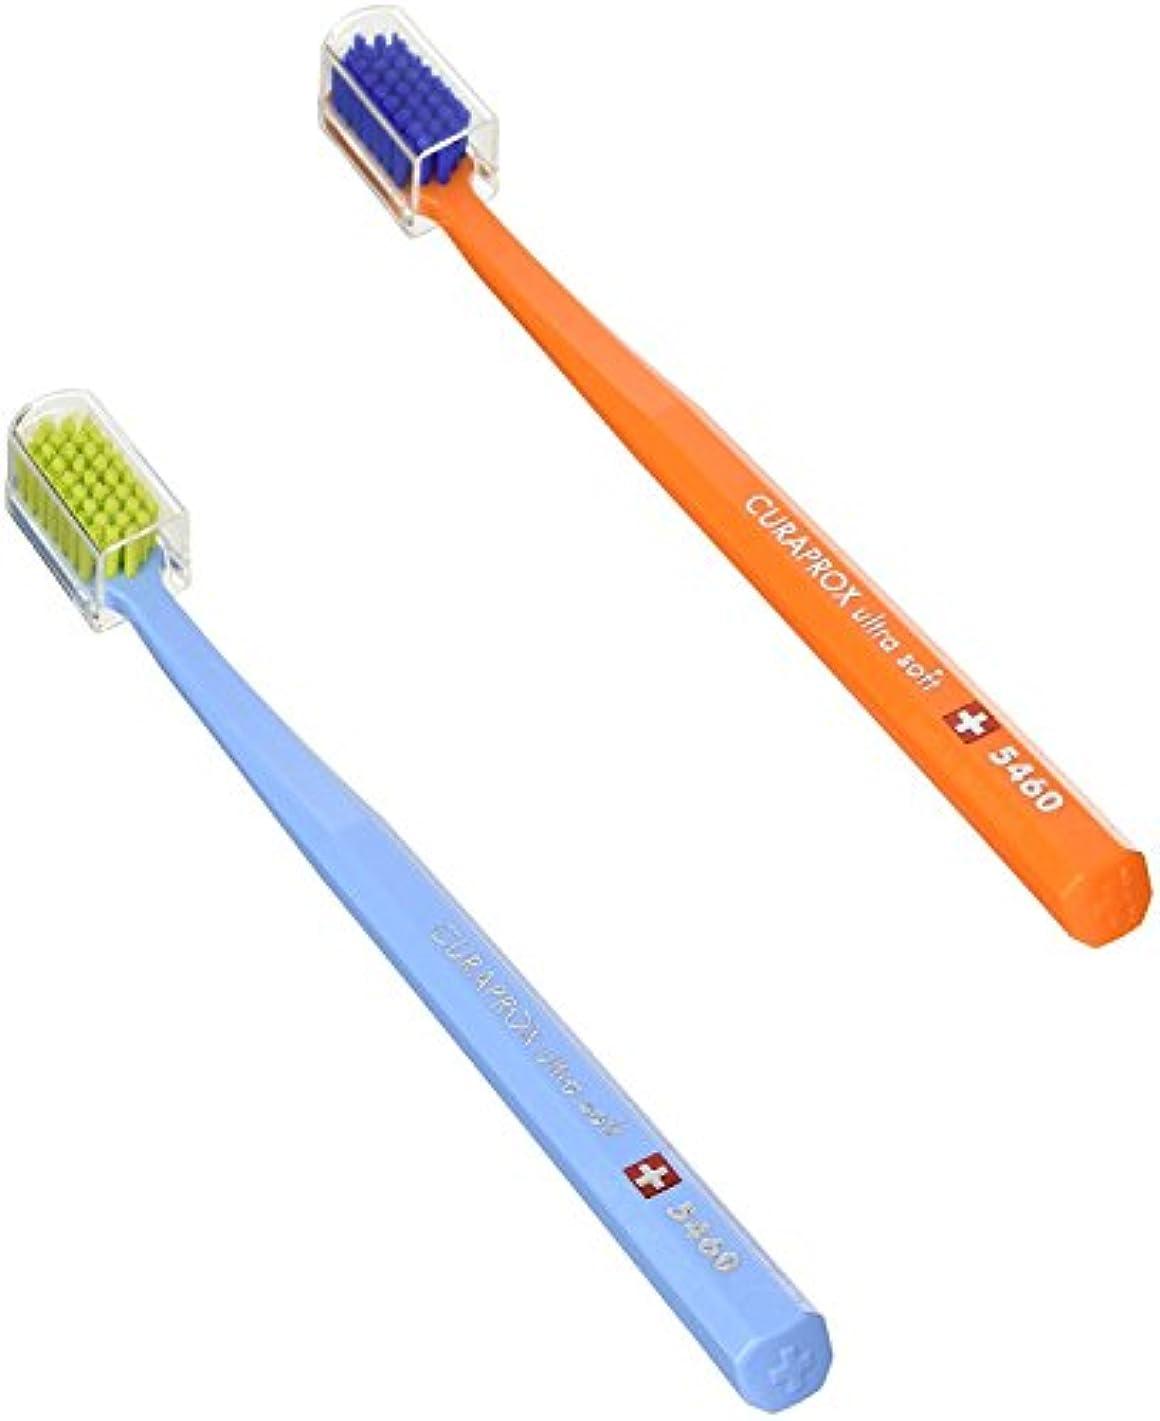 慣性取り扱いツールキュラプロックス 5460ウルトラソフト歯ブラシ 2本